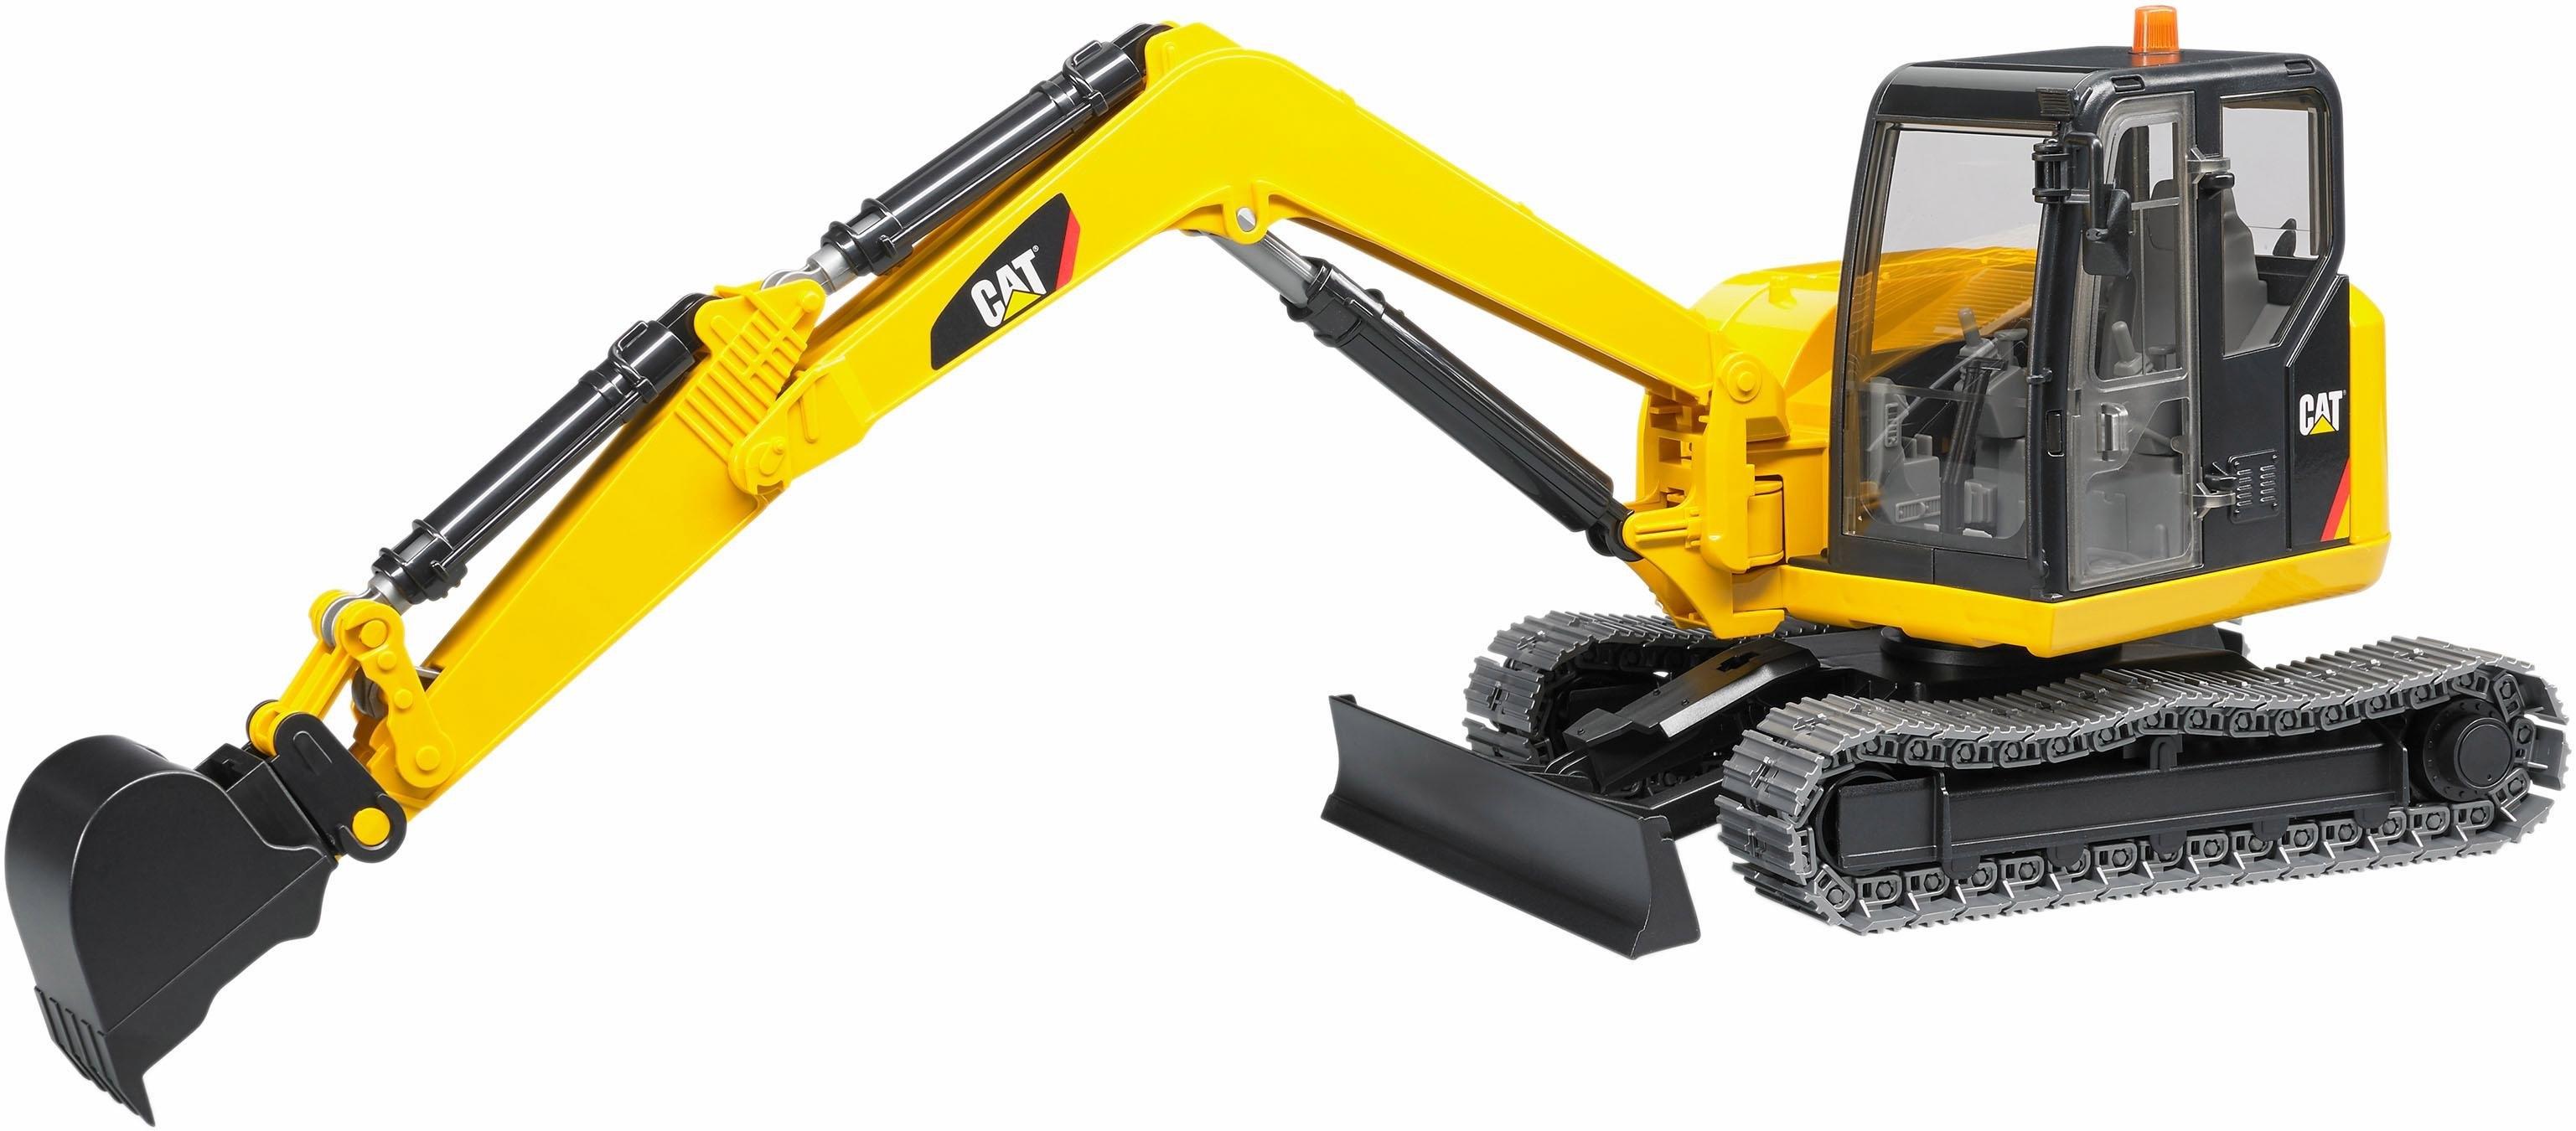 Bruder ® speelgoed-graafmachine, »CAT Minibagger, 1:16, geel« nu online kopen bij OTTO